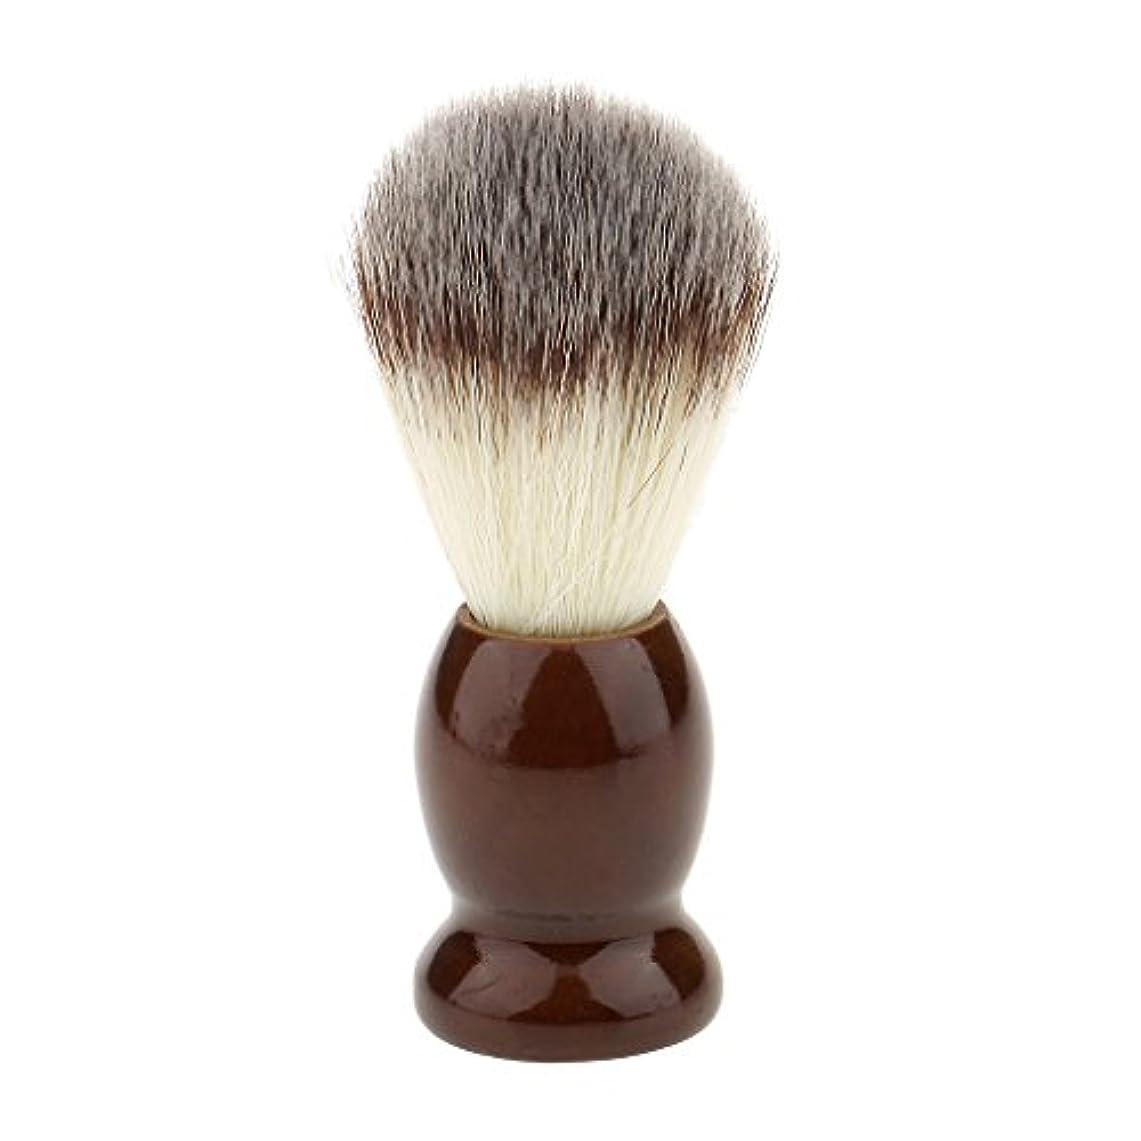 がんばり続けるモナリザスムーズにナイロン製 シェービングブラシ 柔らかい 理容 洗顔 髭剃り 便携 10.5cm ブラウン